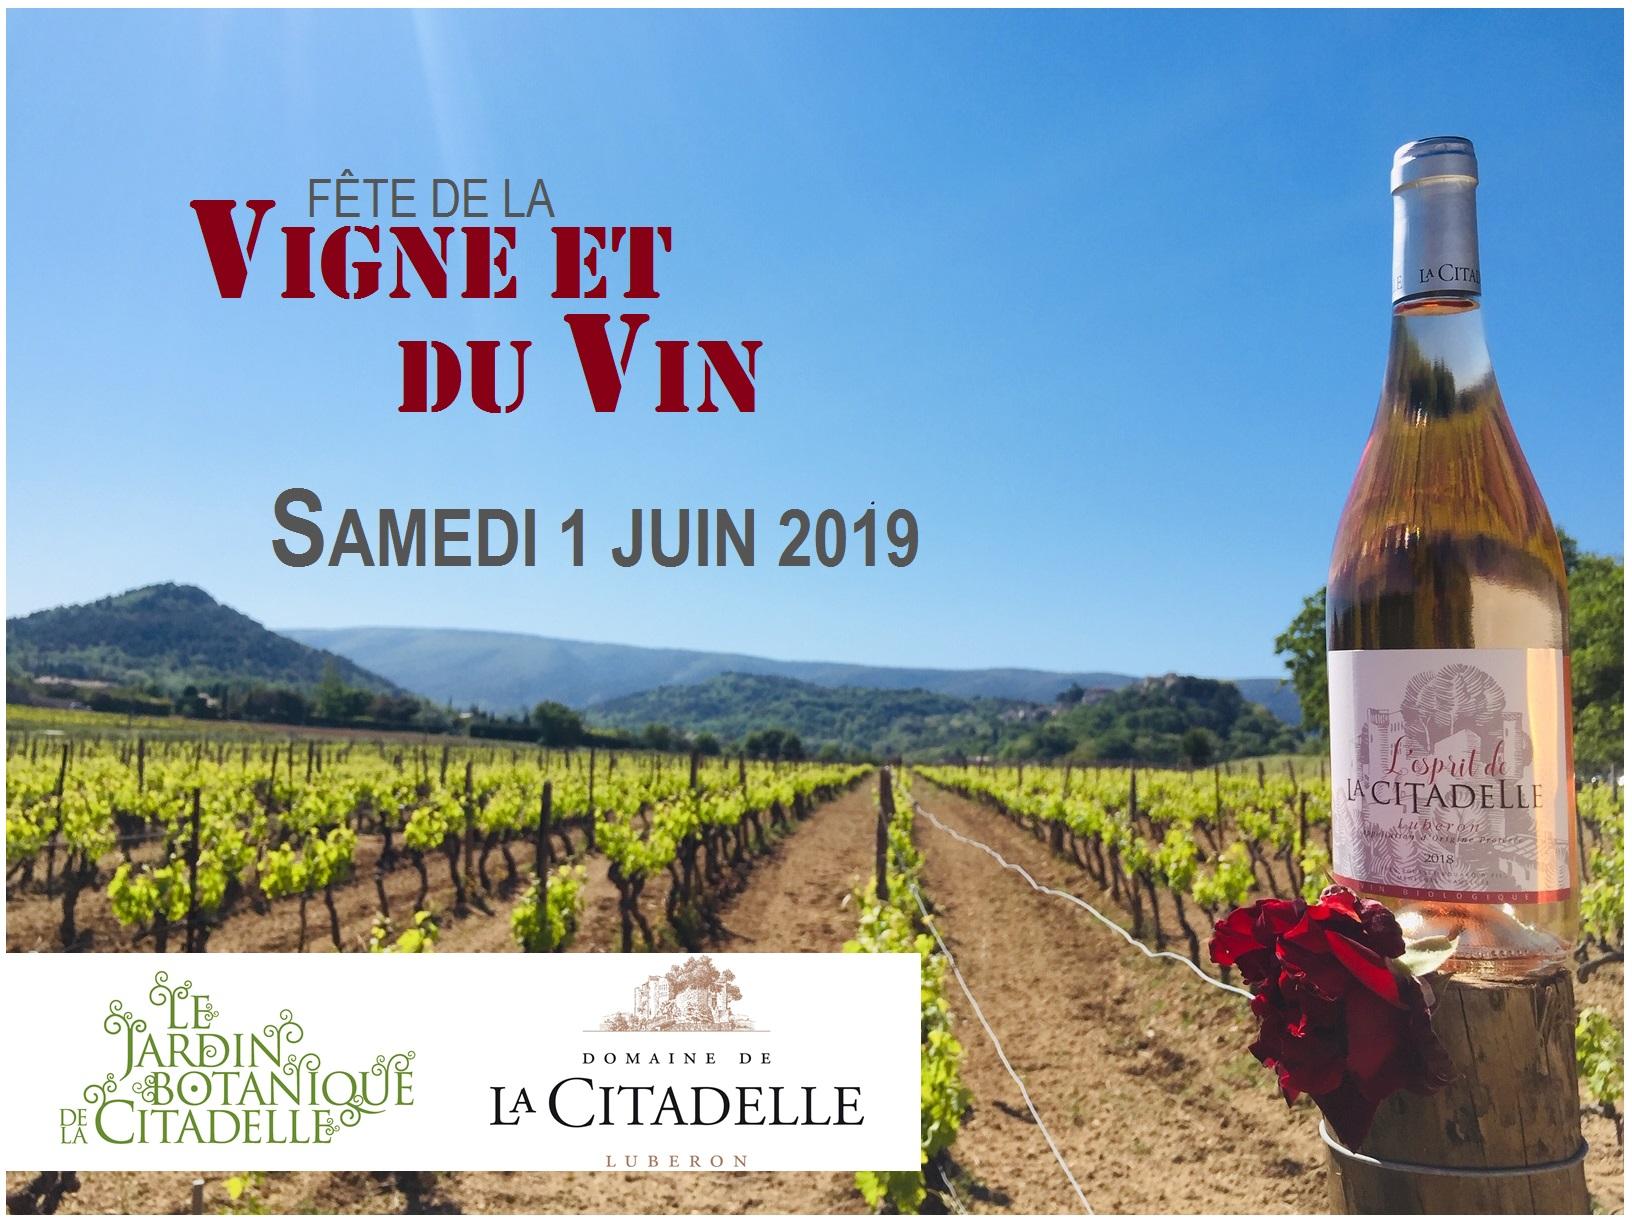 fête de la vigne et du vin 2019